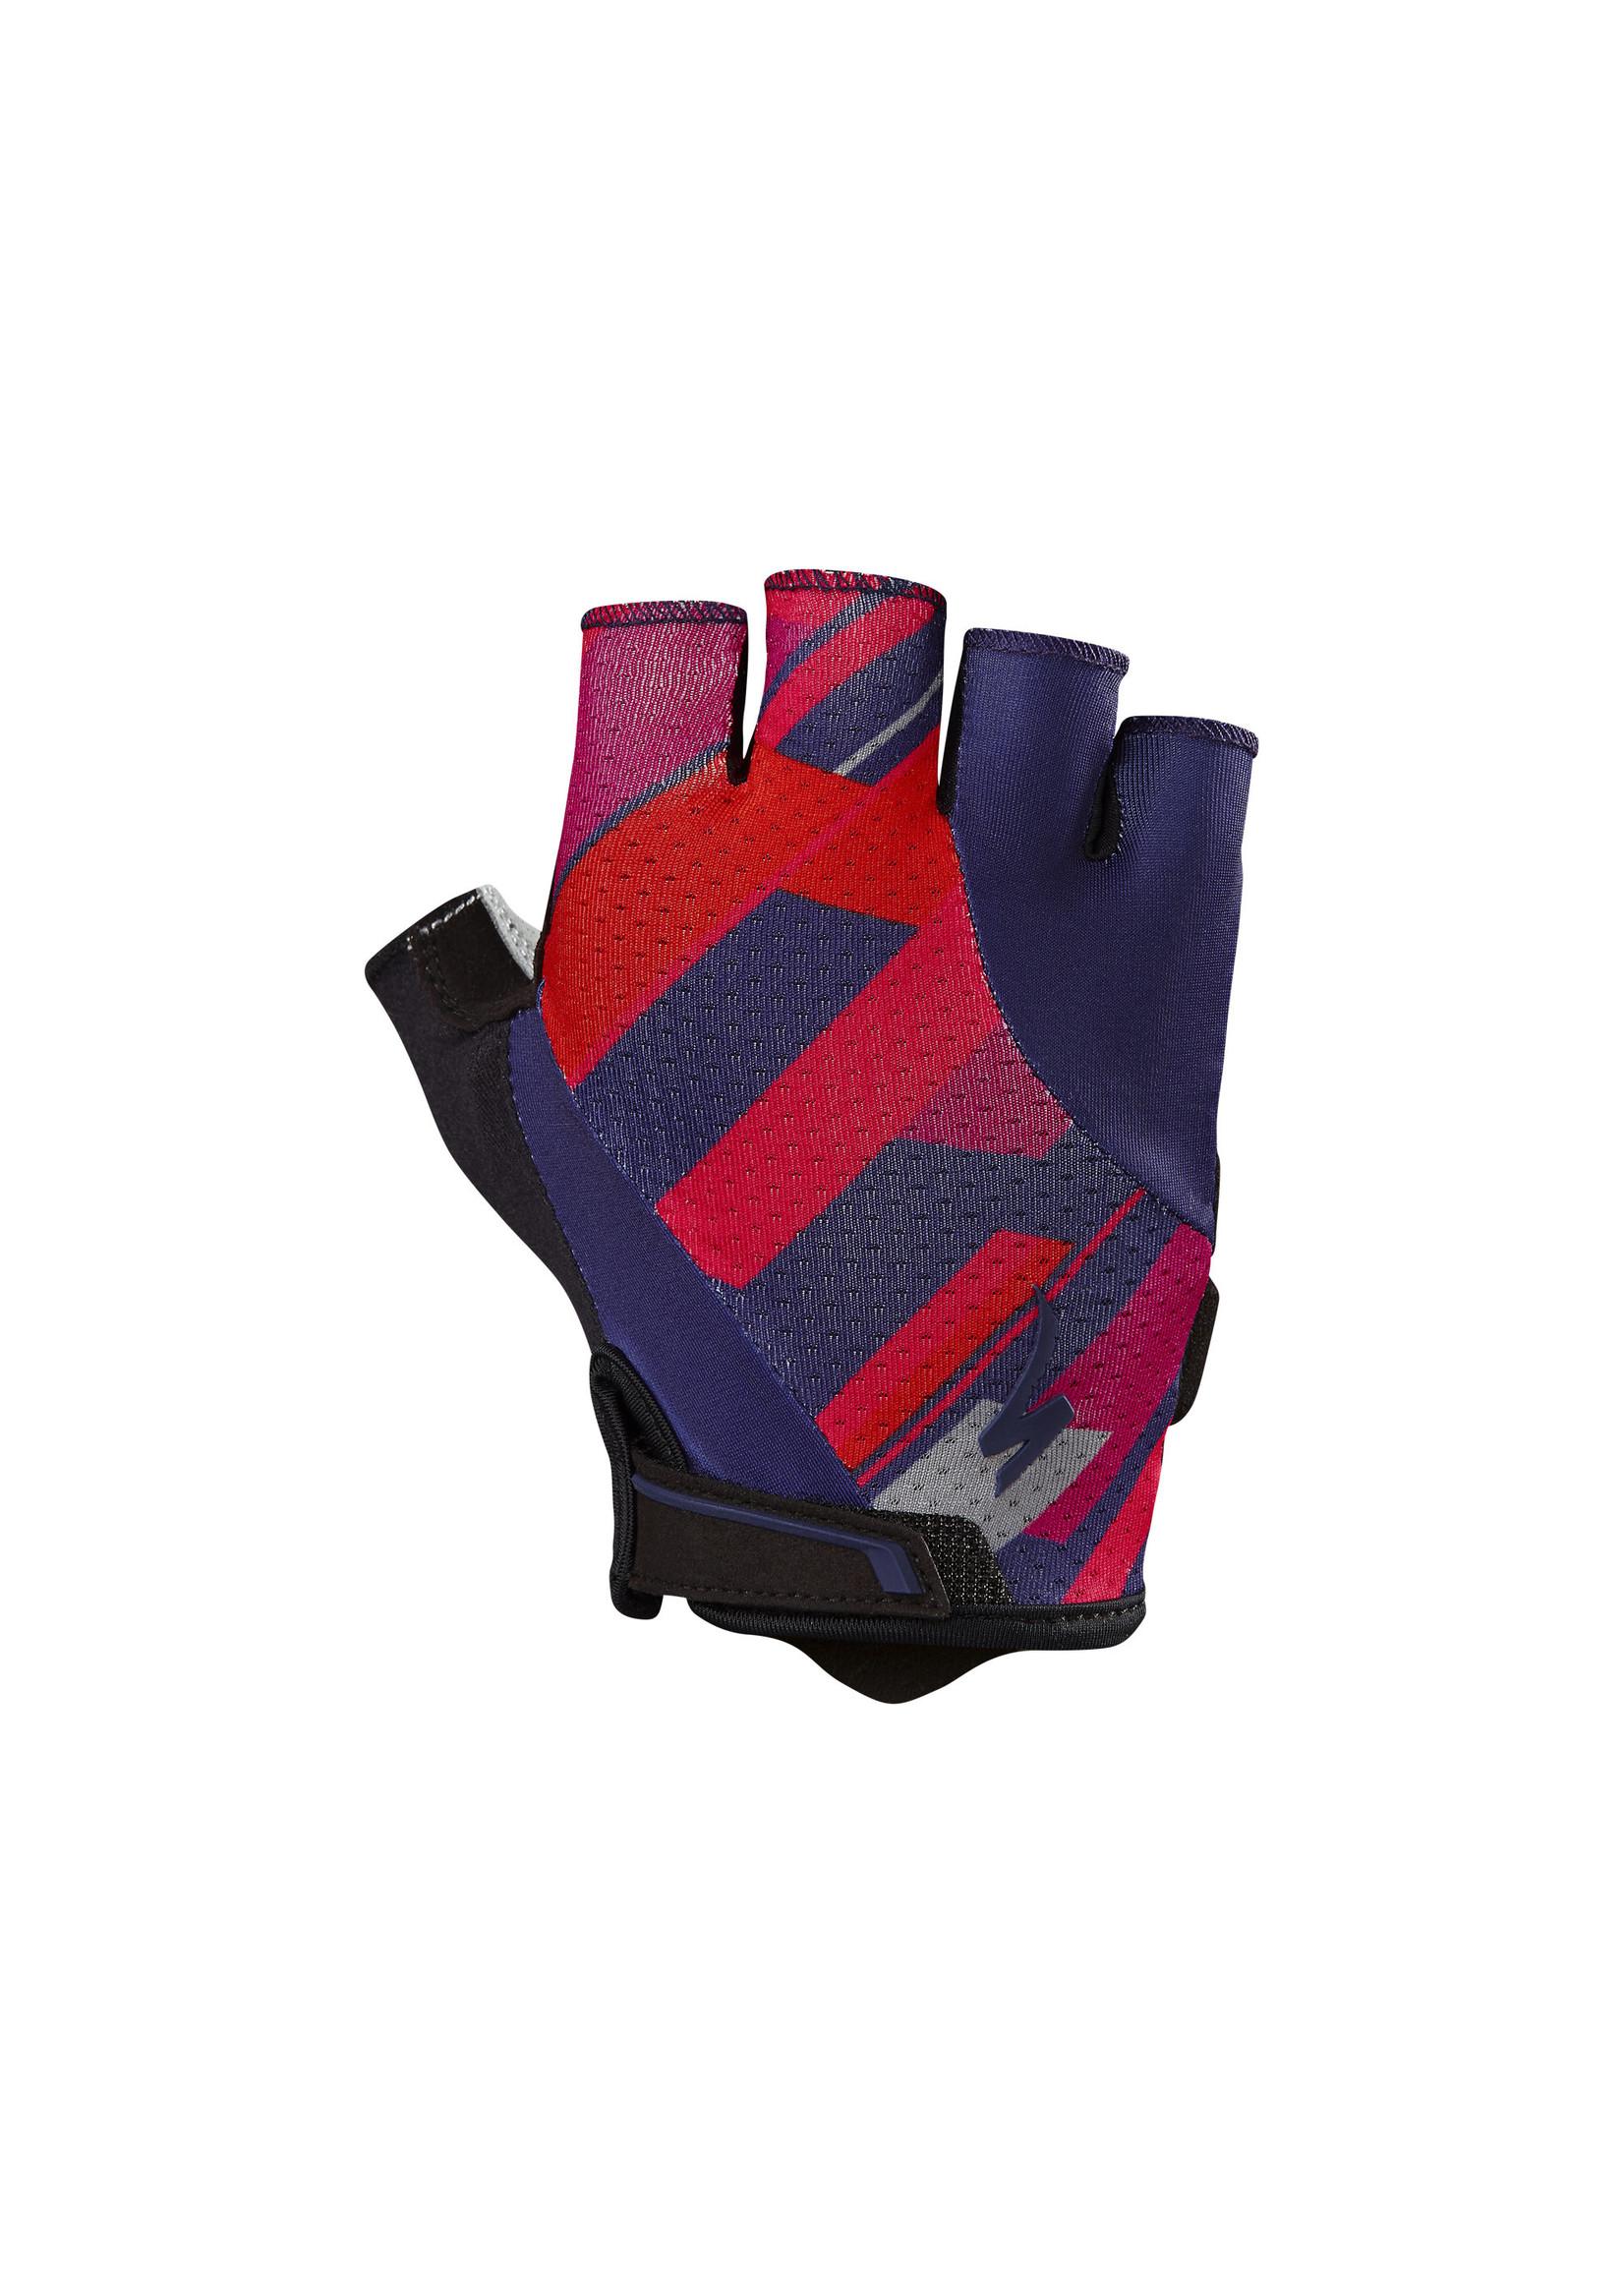 Specialized Bg Gel Glove WMS SKYLT Small